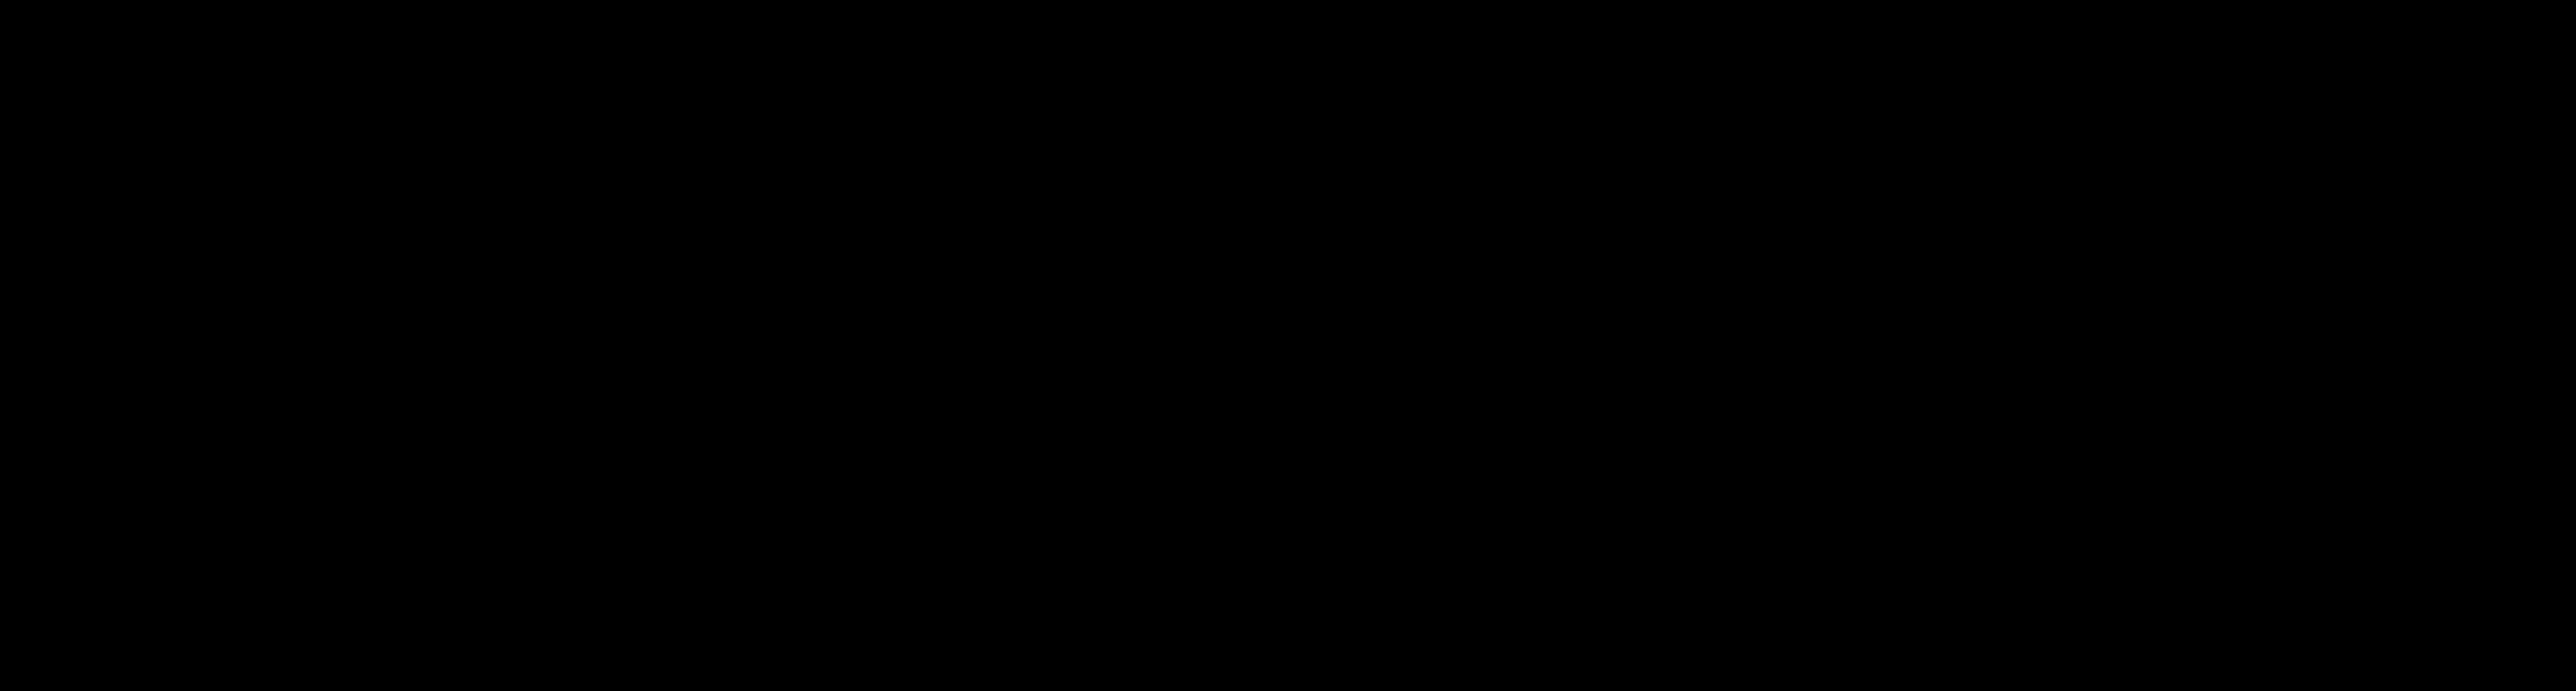 TimeVallée时光天地长沙海信广场精品店盛大